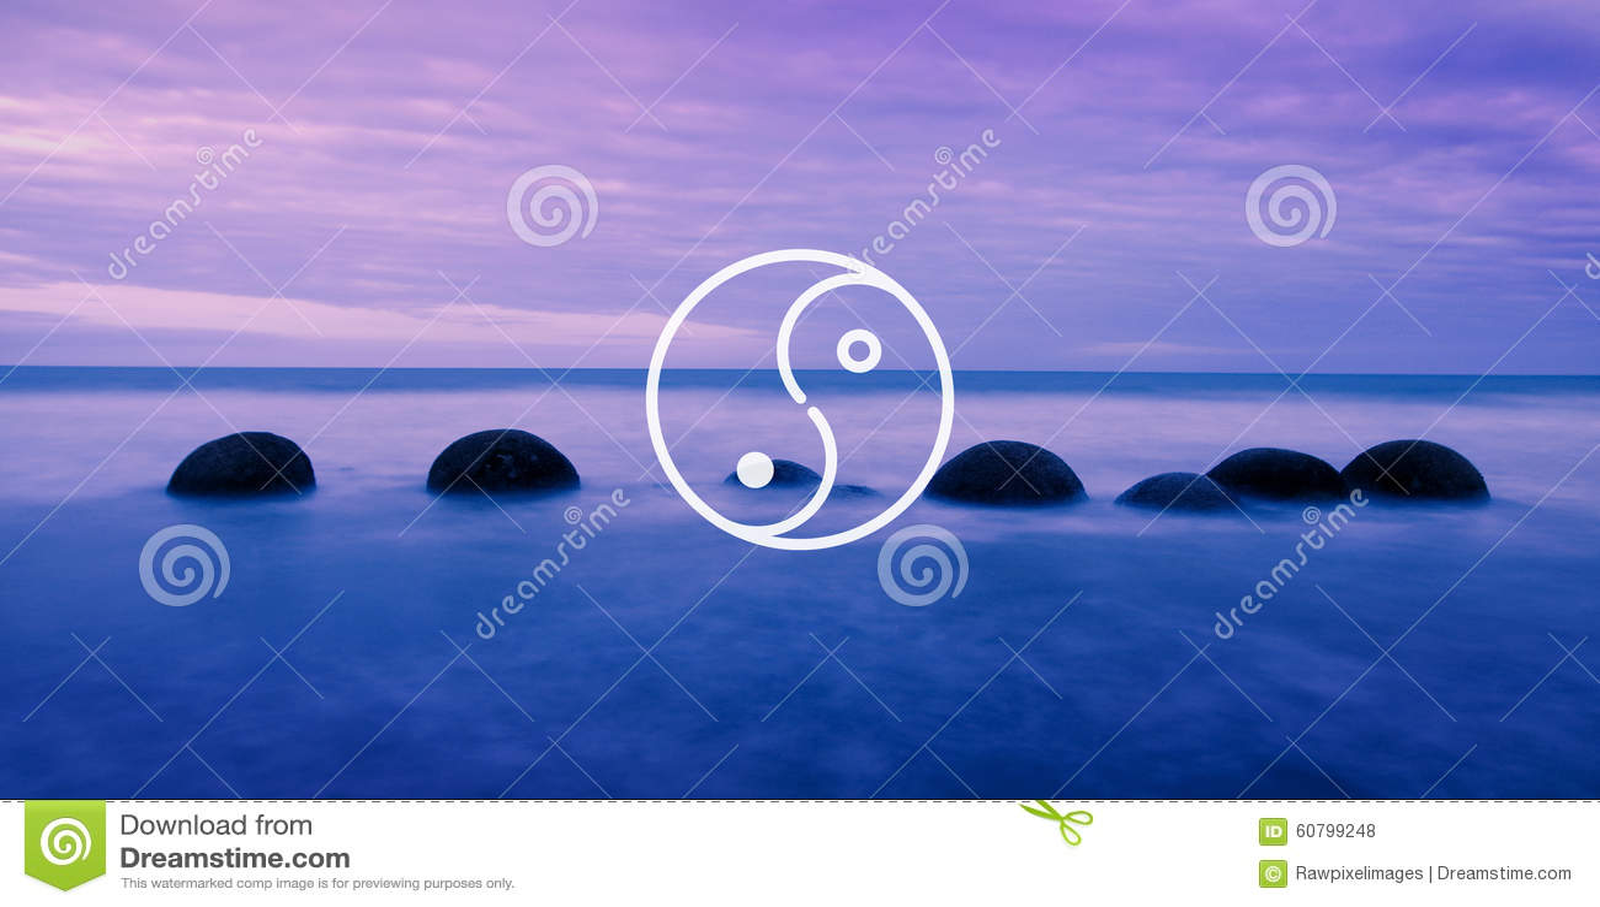 Conceito da cultura de Yin Yang Balance Contrast Opposite Religion